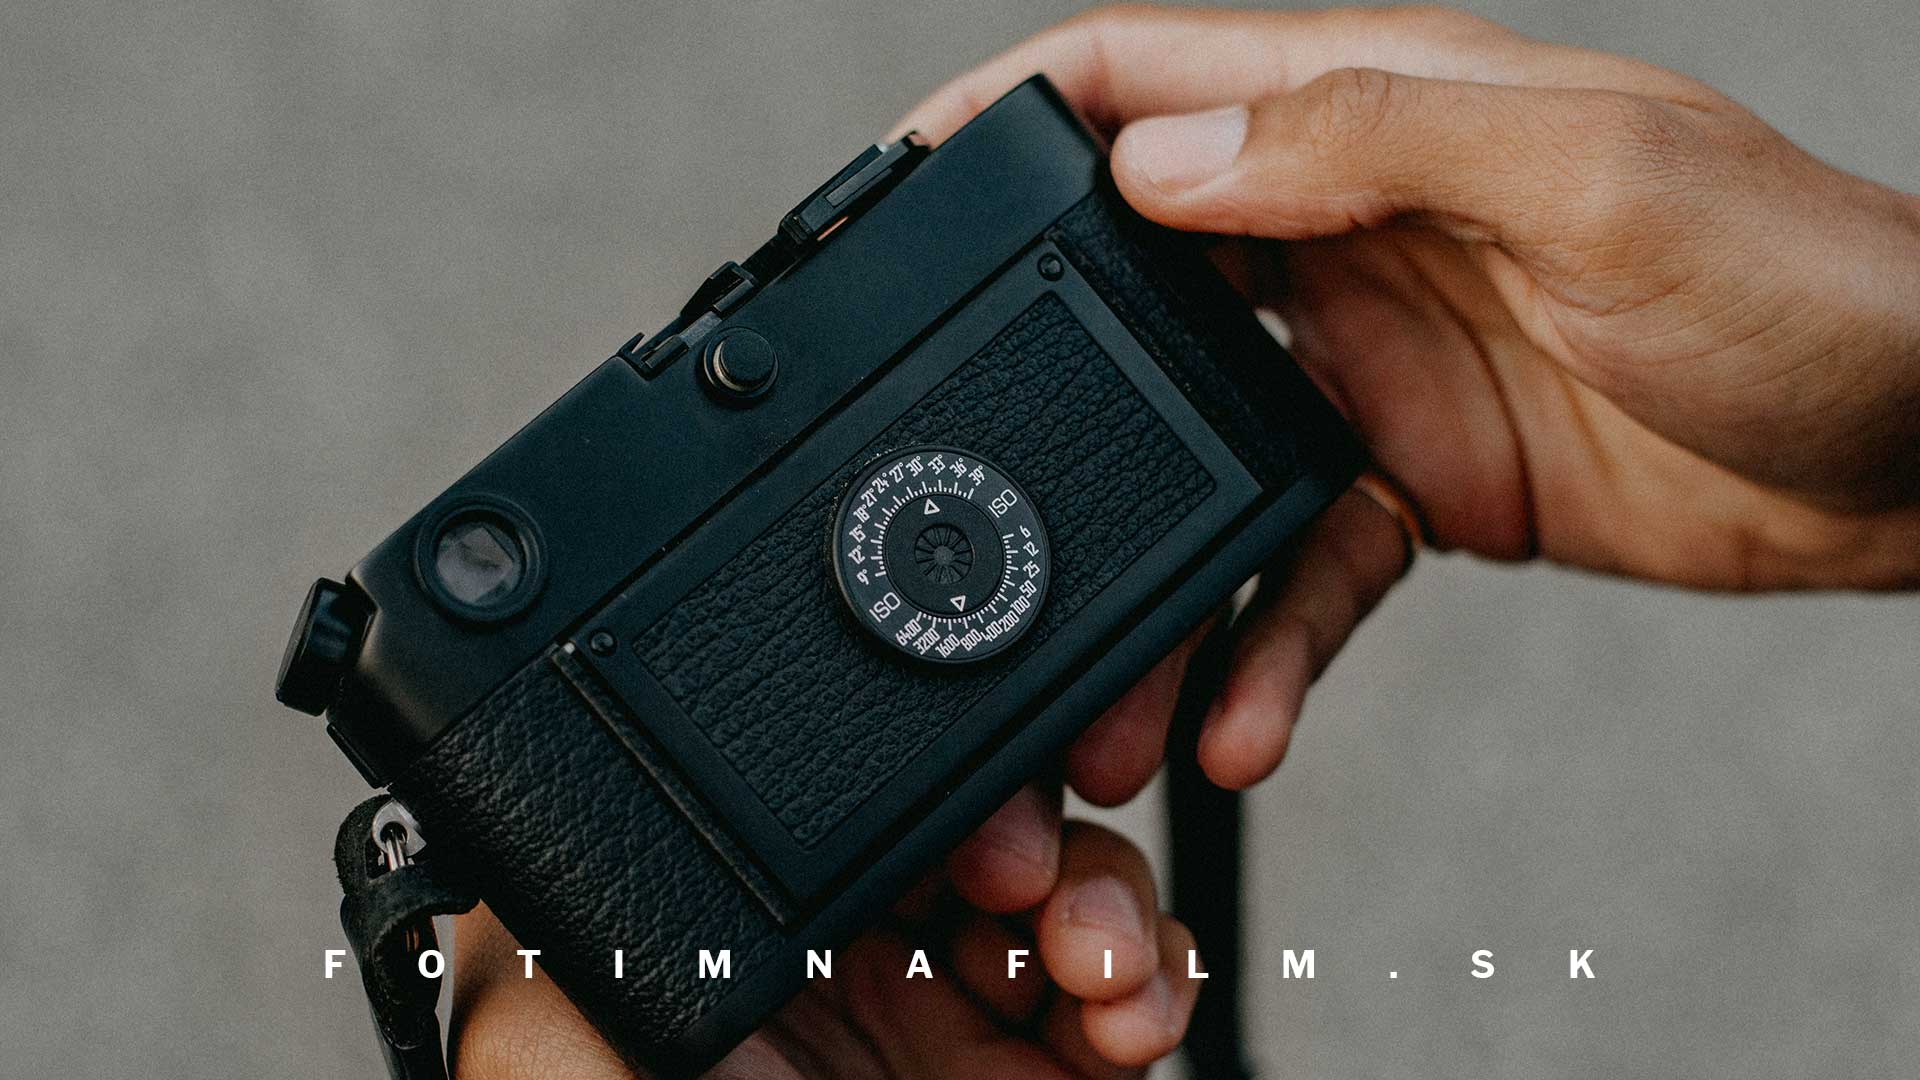 Nemecký fotoaparát Leica M na film